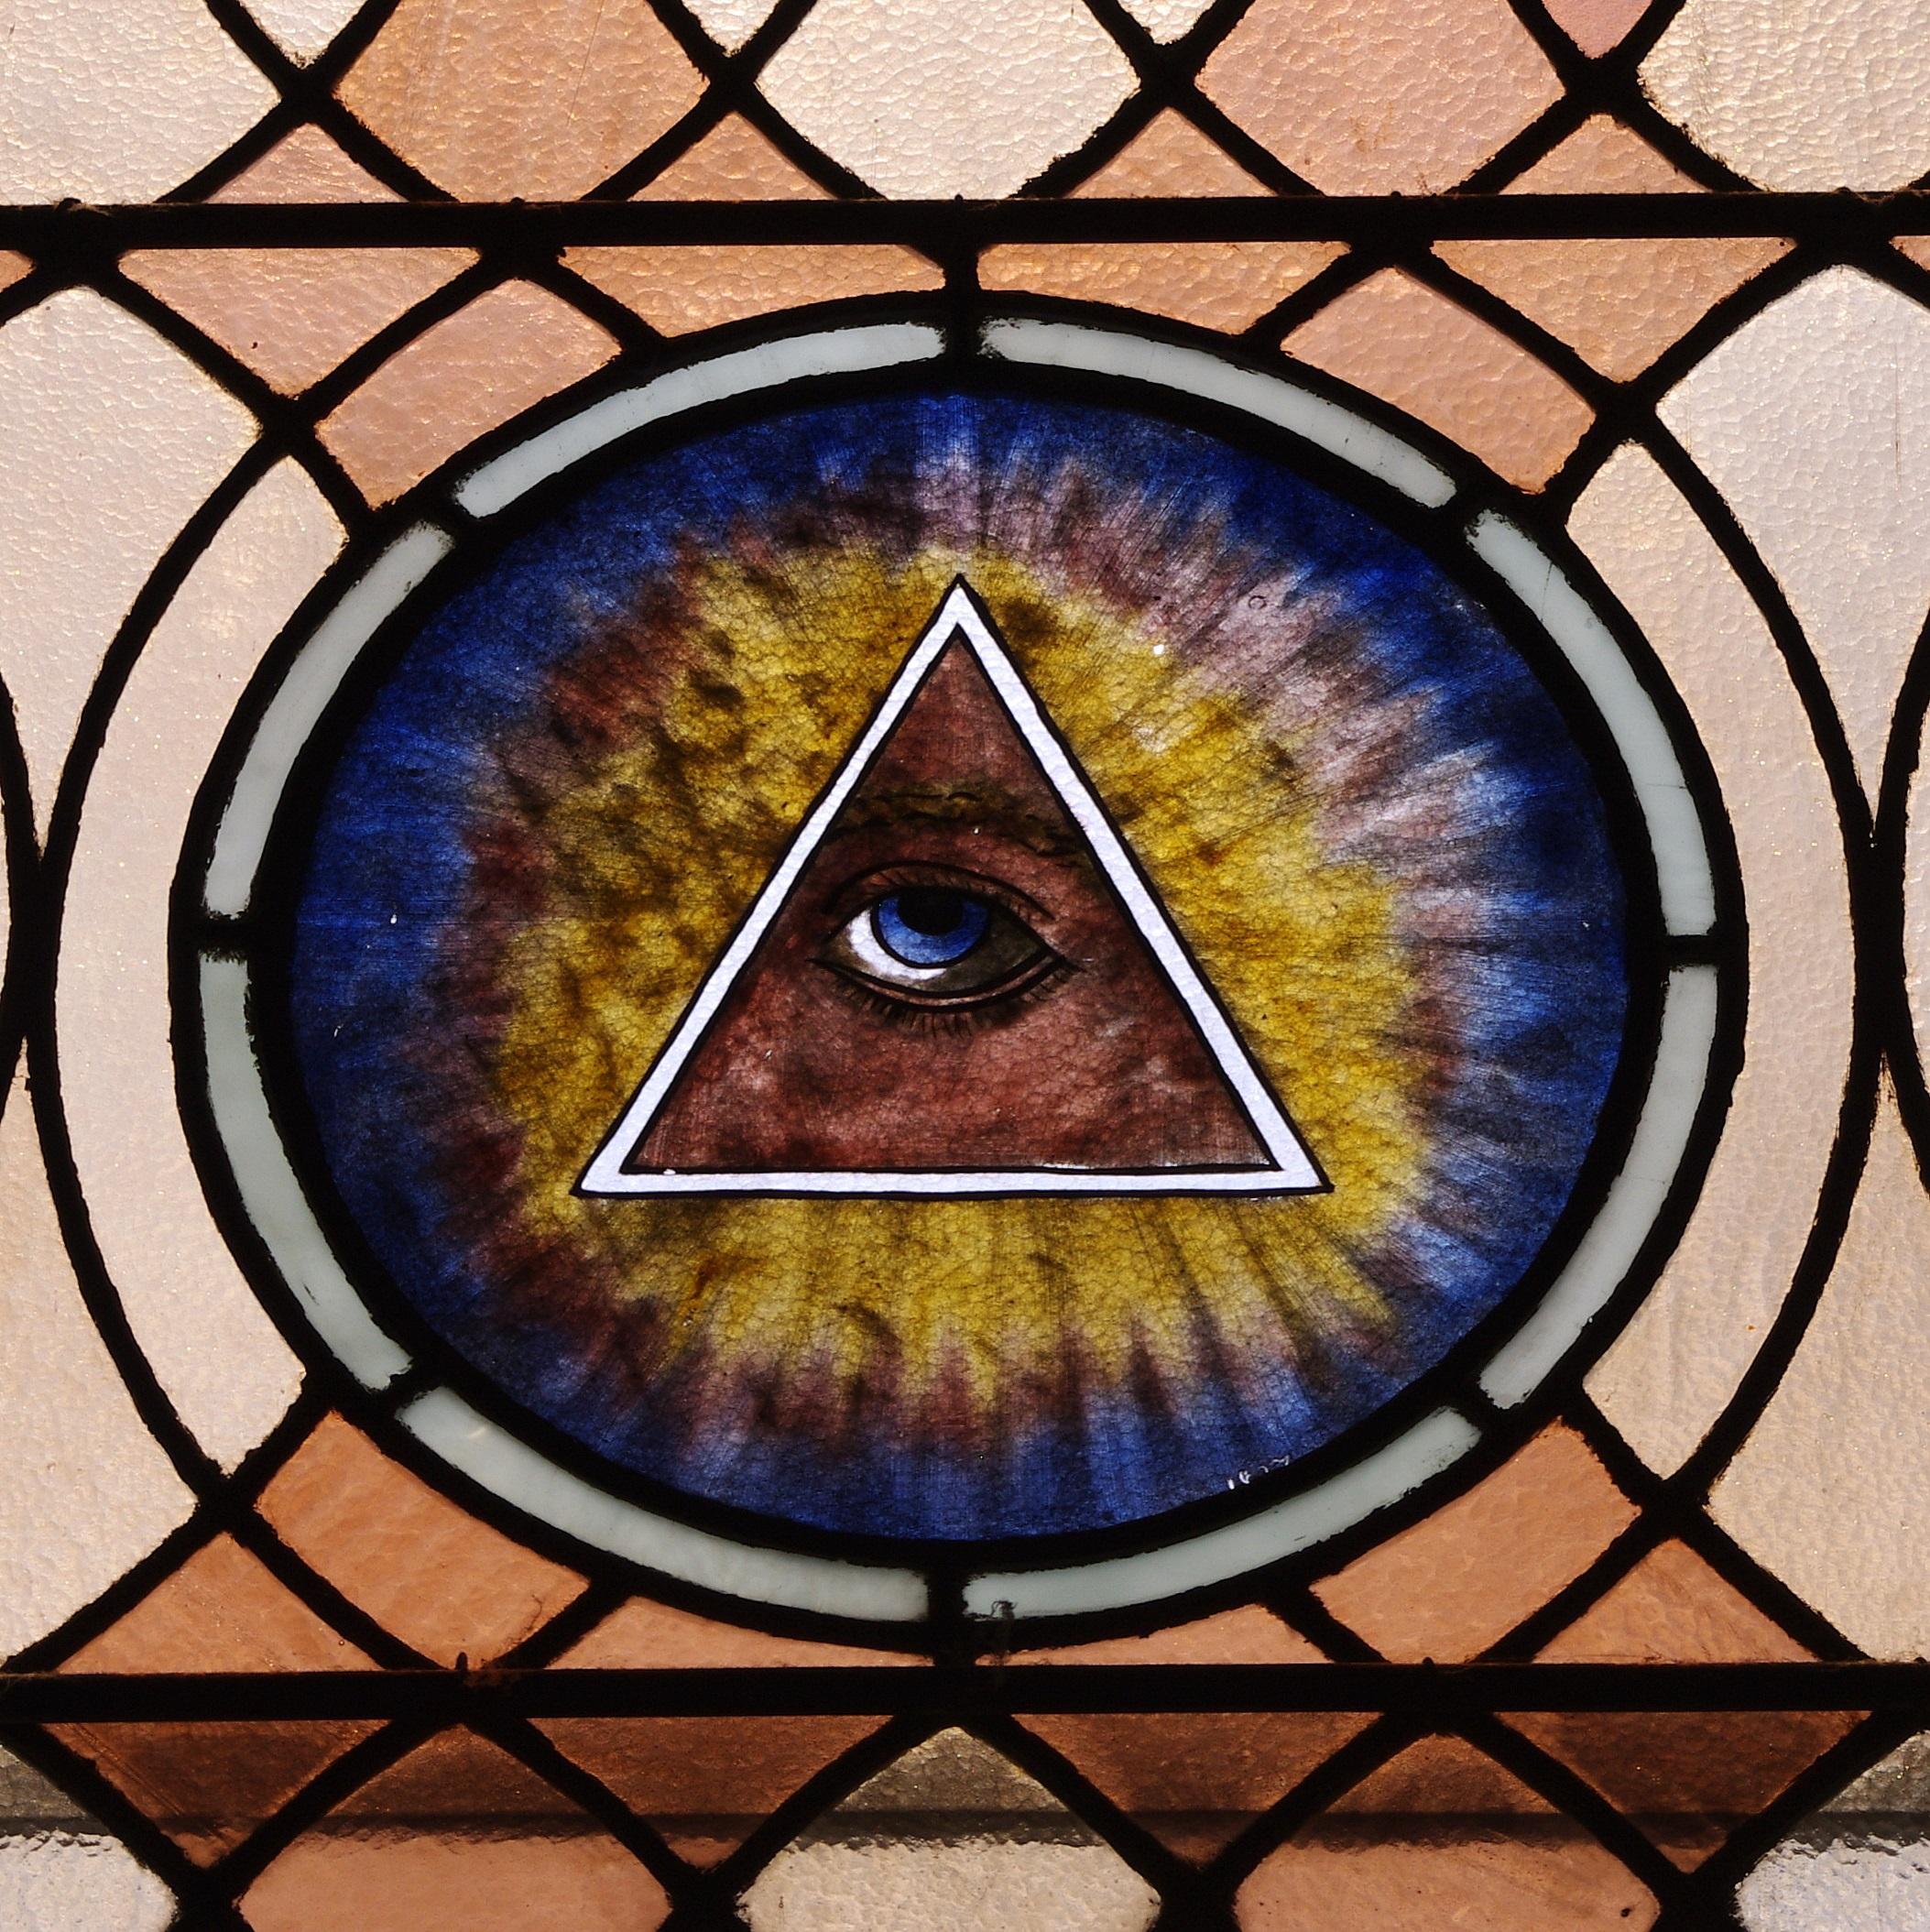 A Glass Eye